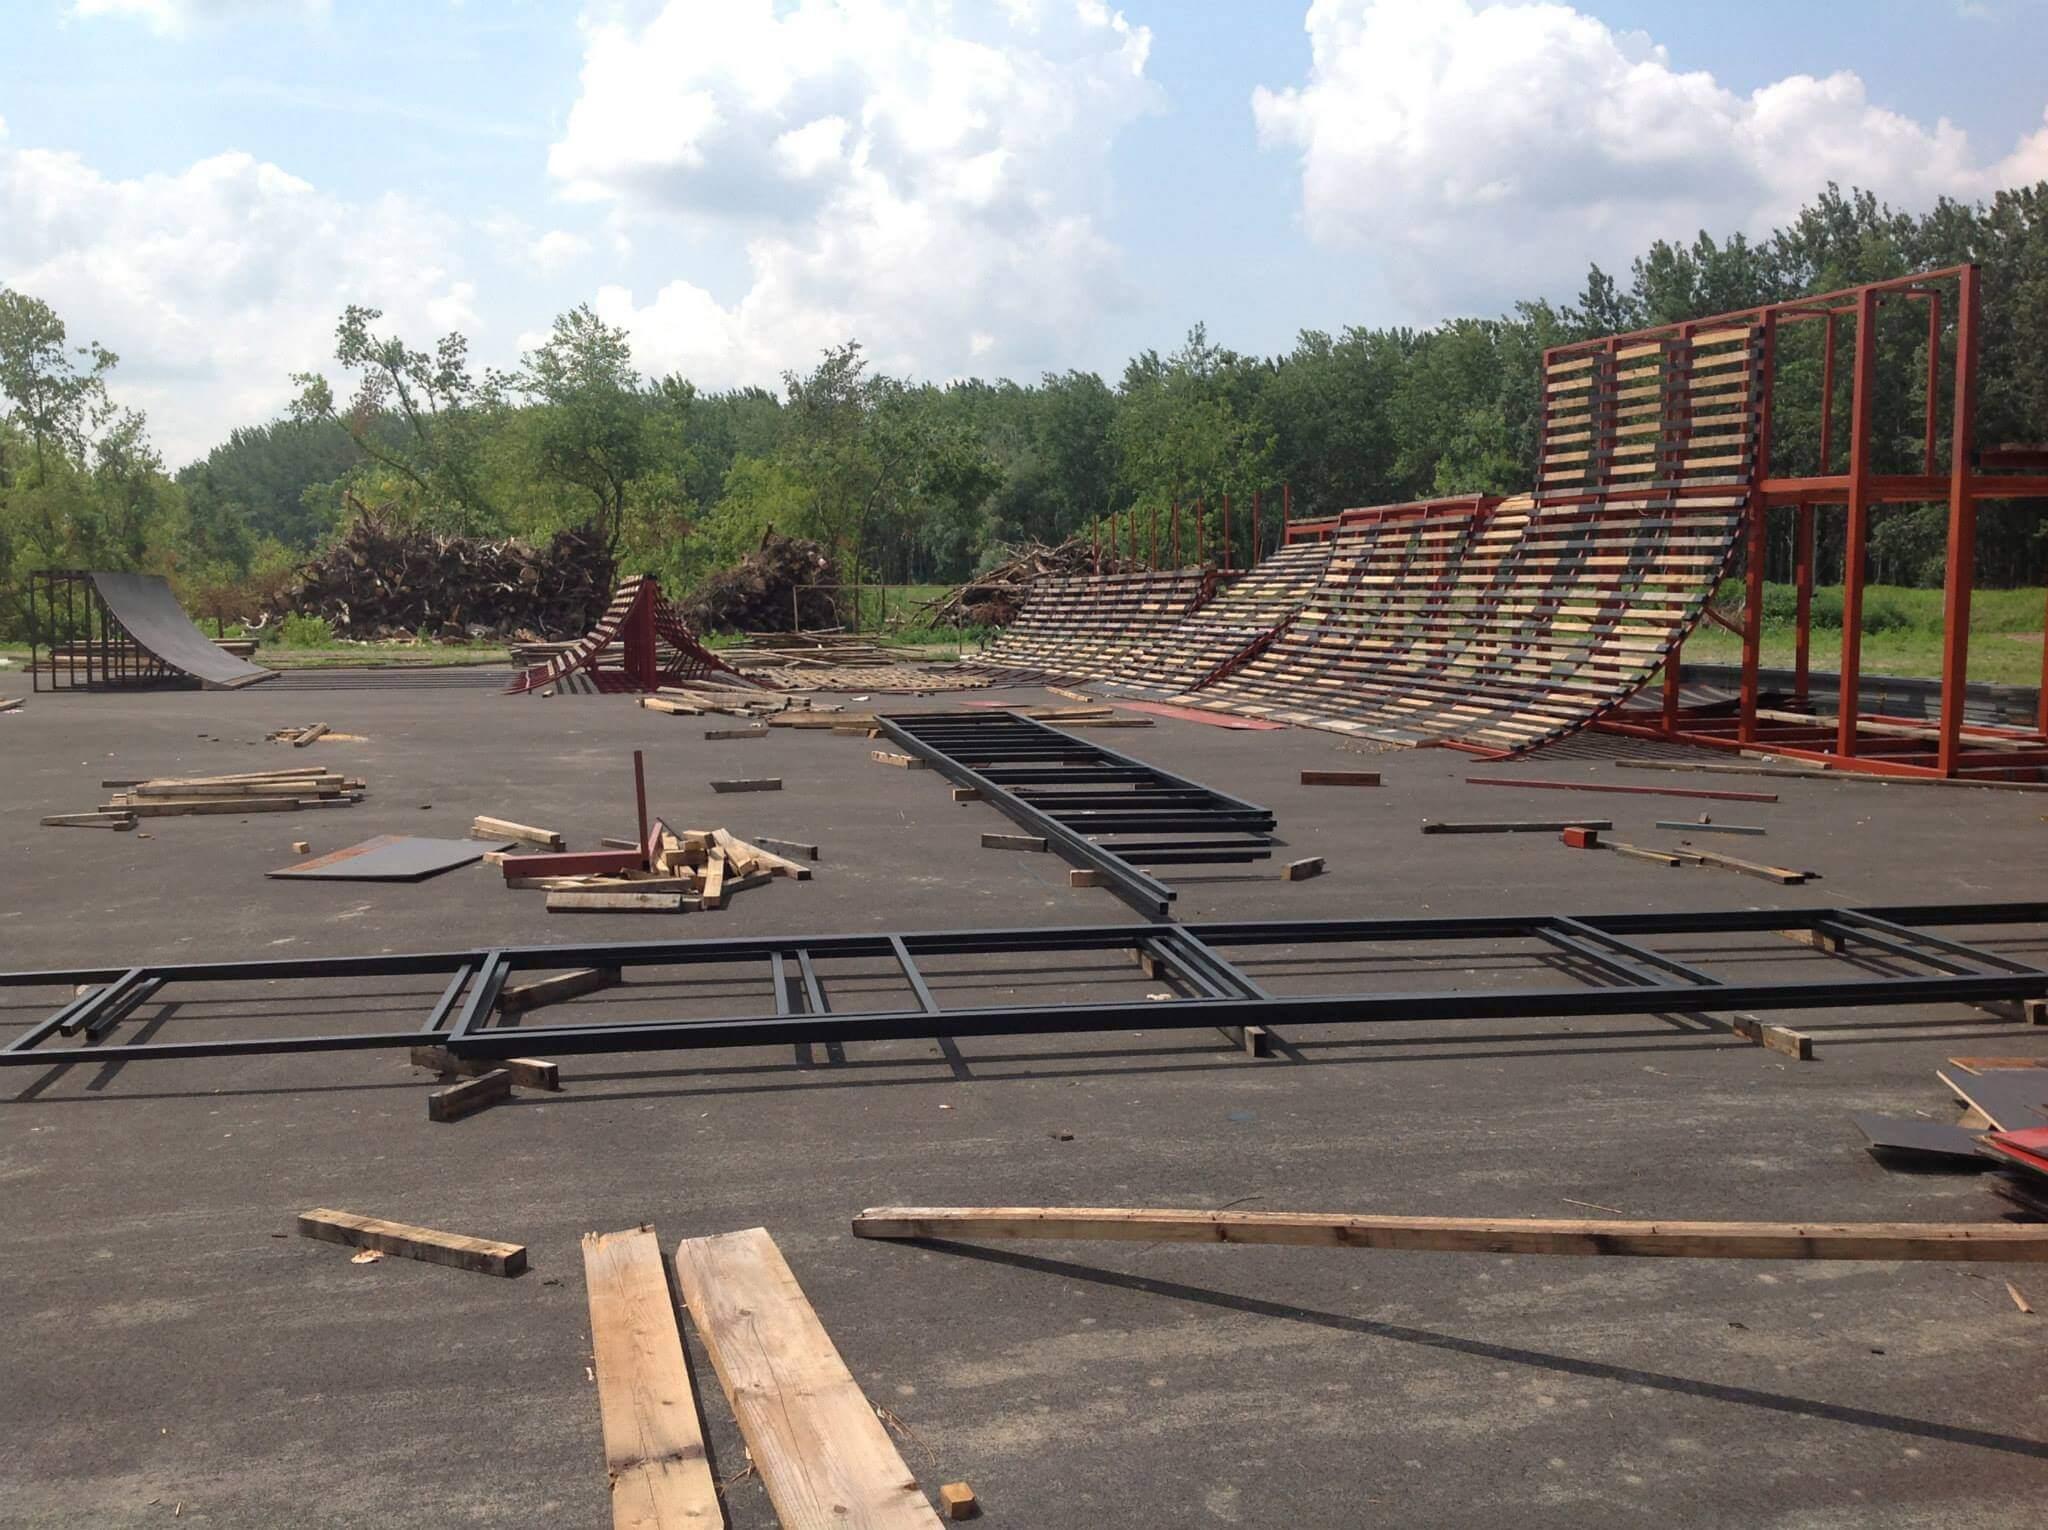 izgradnja novog skate parka